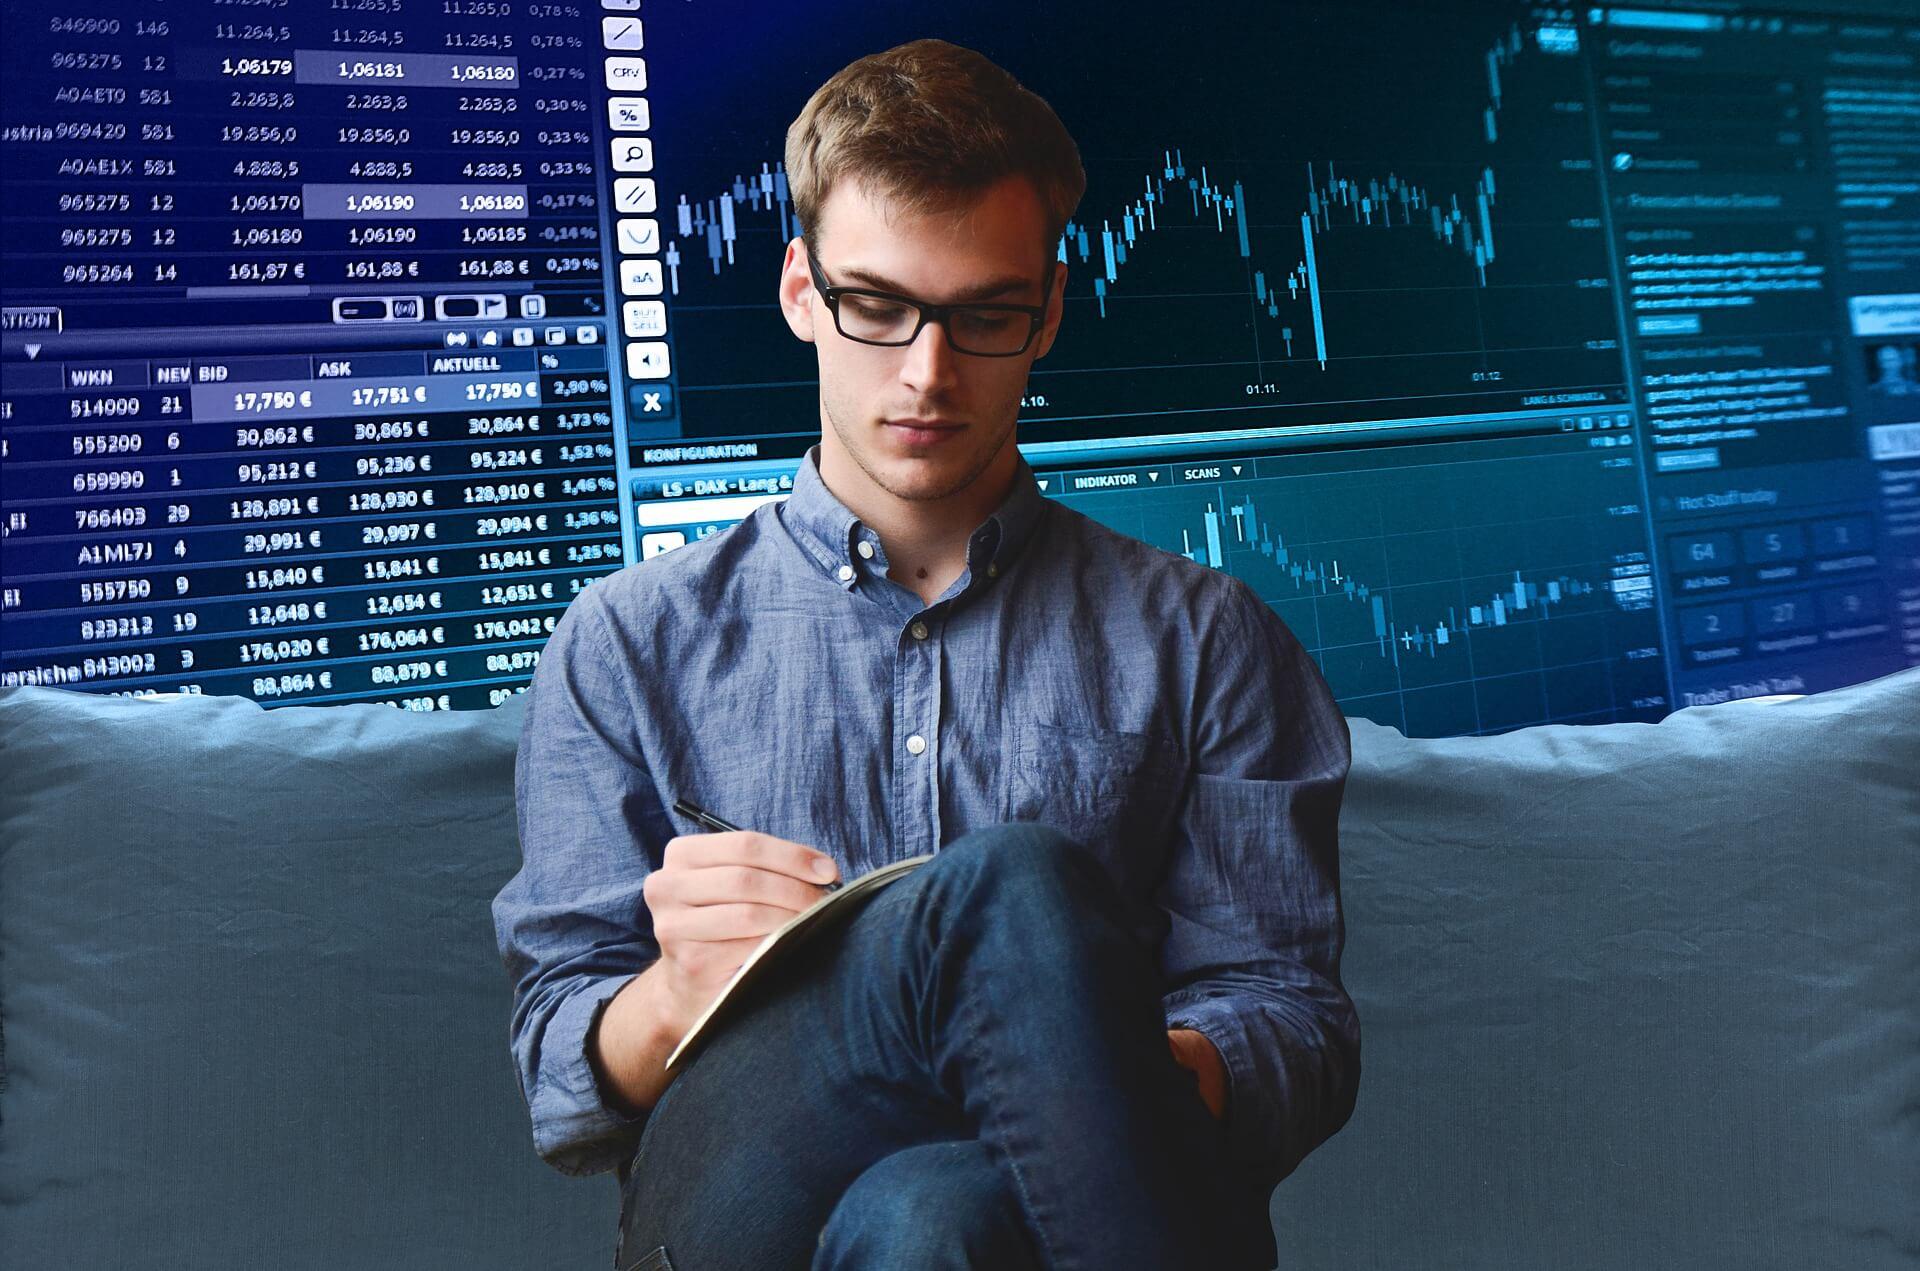 Erfolgreiche Chartanalyse für Ihren Aktienerfolg